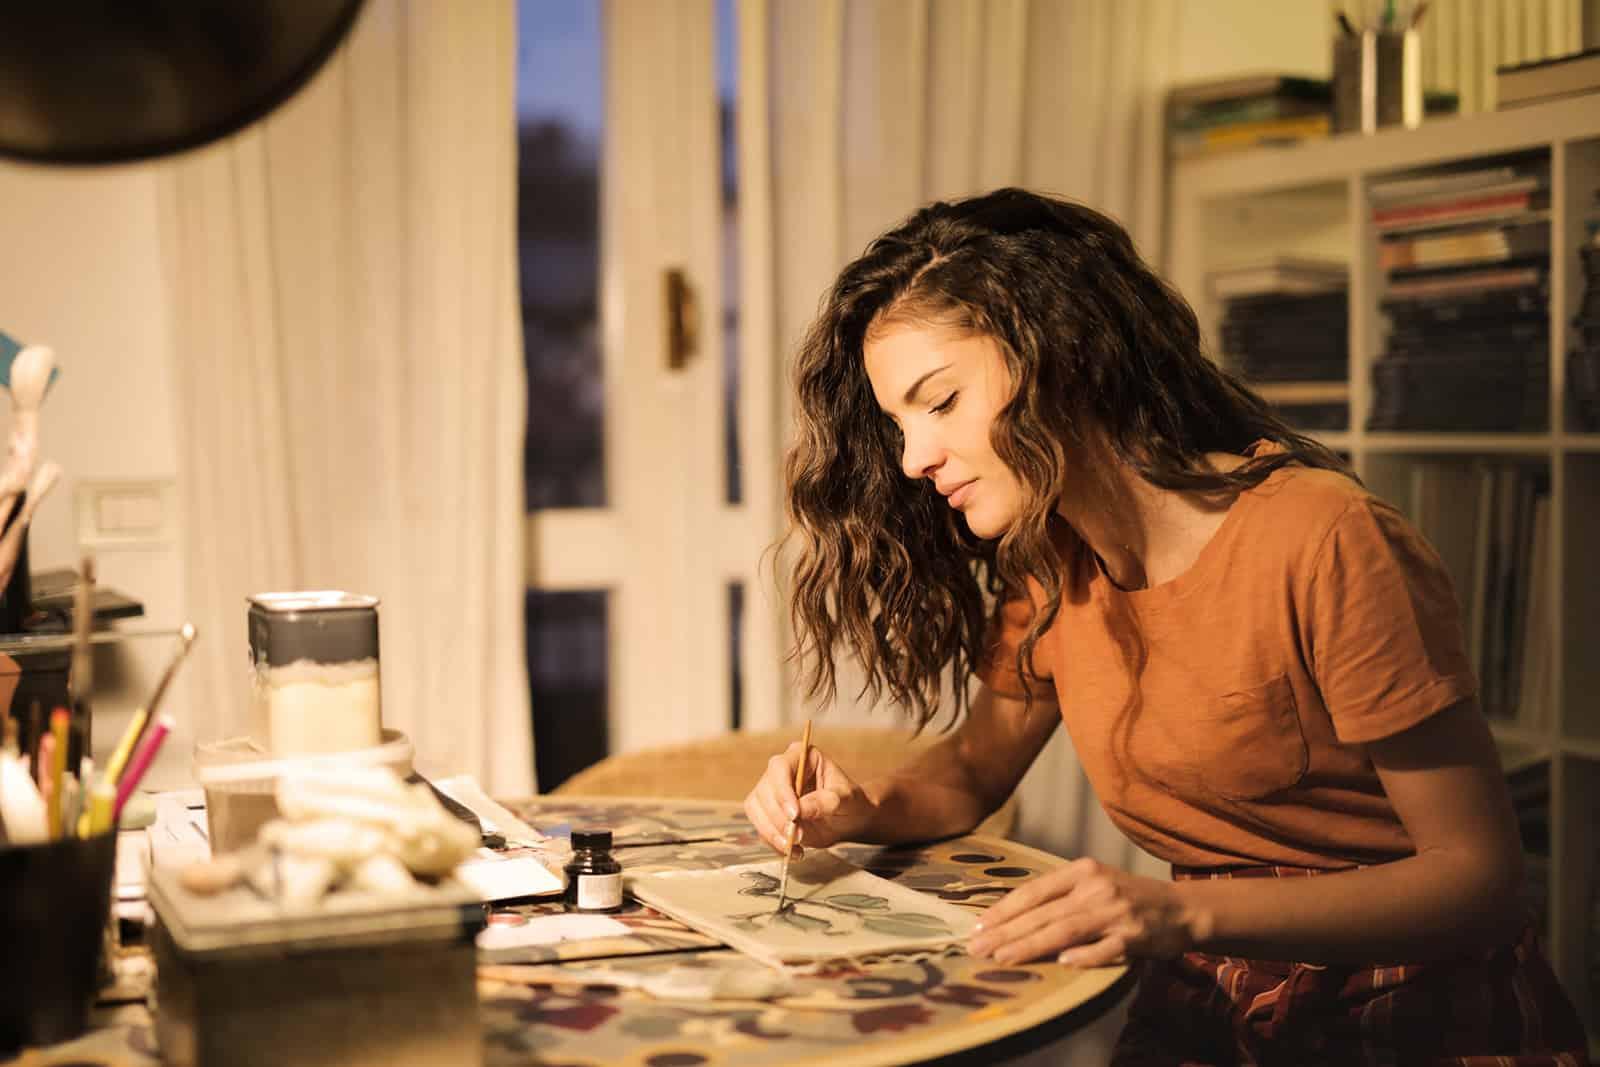 eine Frau, die auf einem Papier am Tisch malt